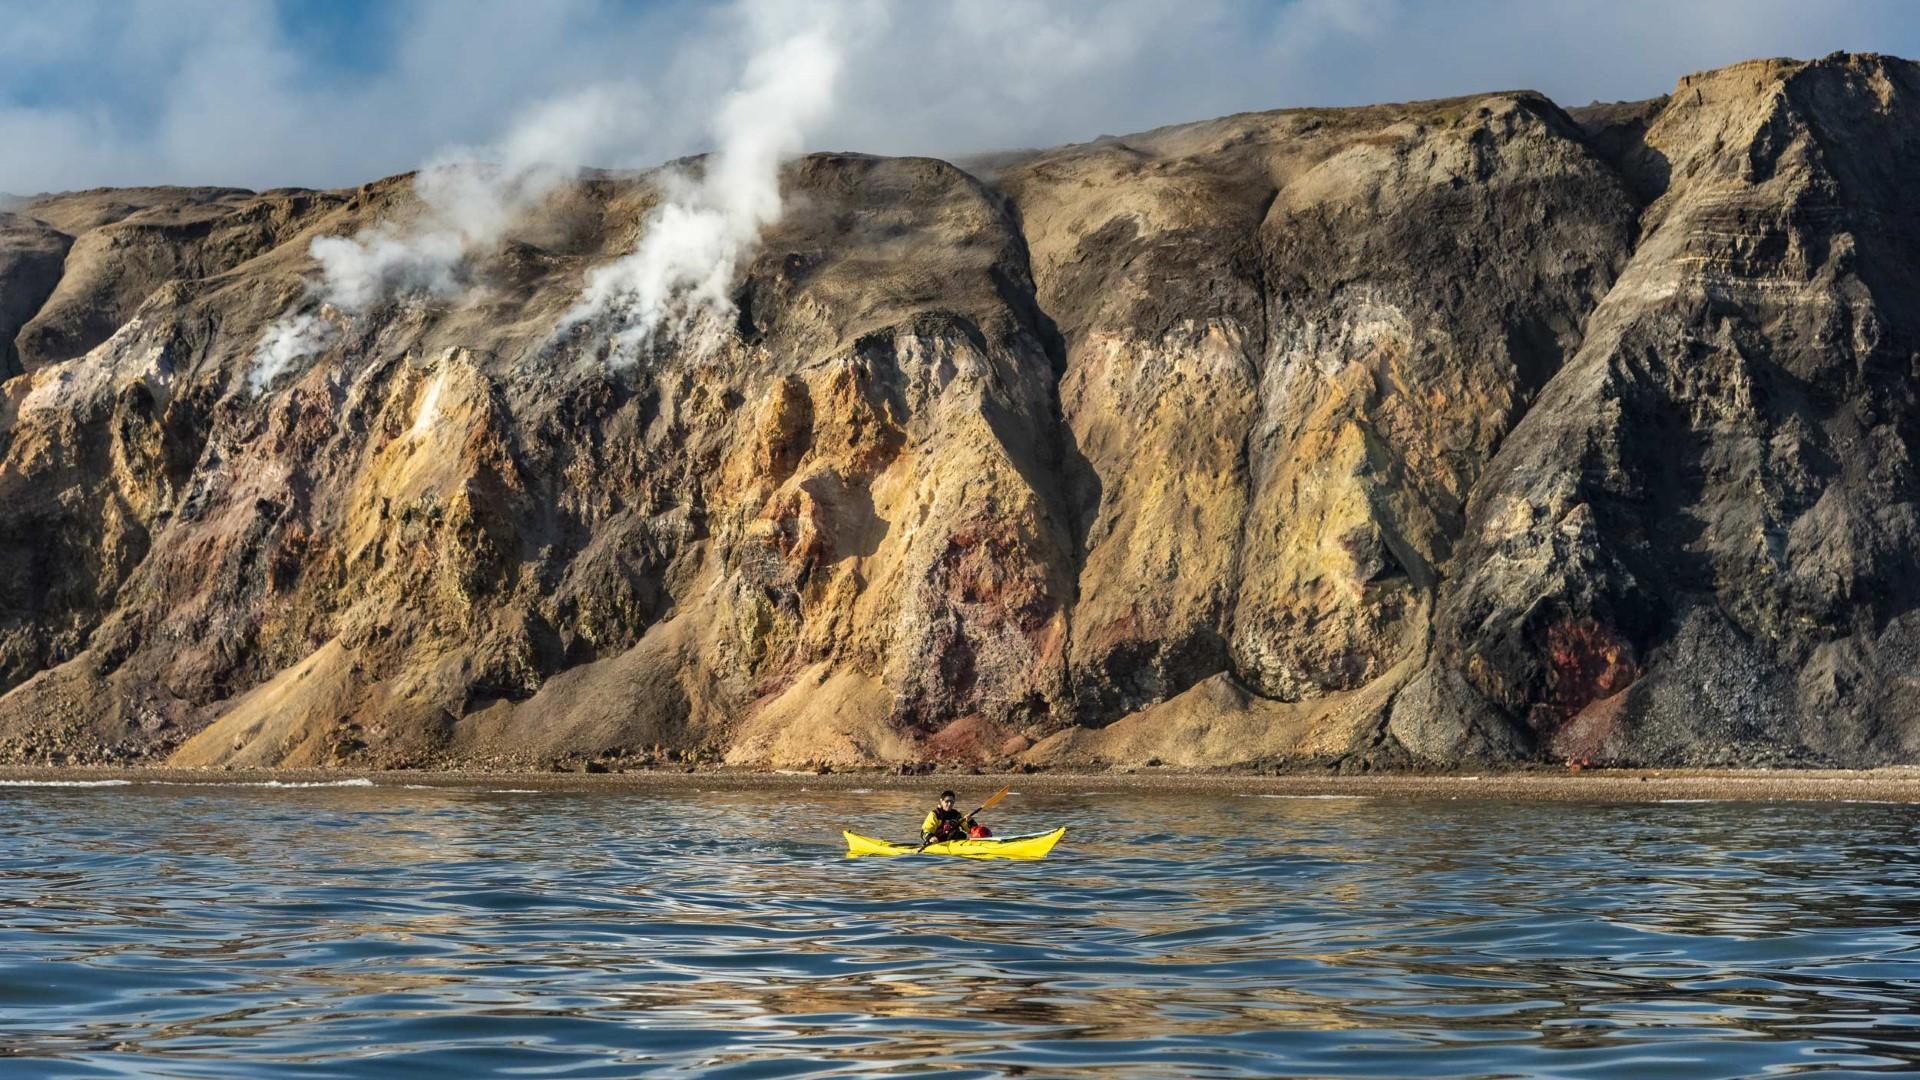 day-3-7_smoking-hils_kayaking-smoking-hills-nwp-canada-hgr-139027-photo_karsten_bidstrup